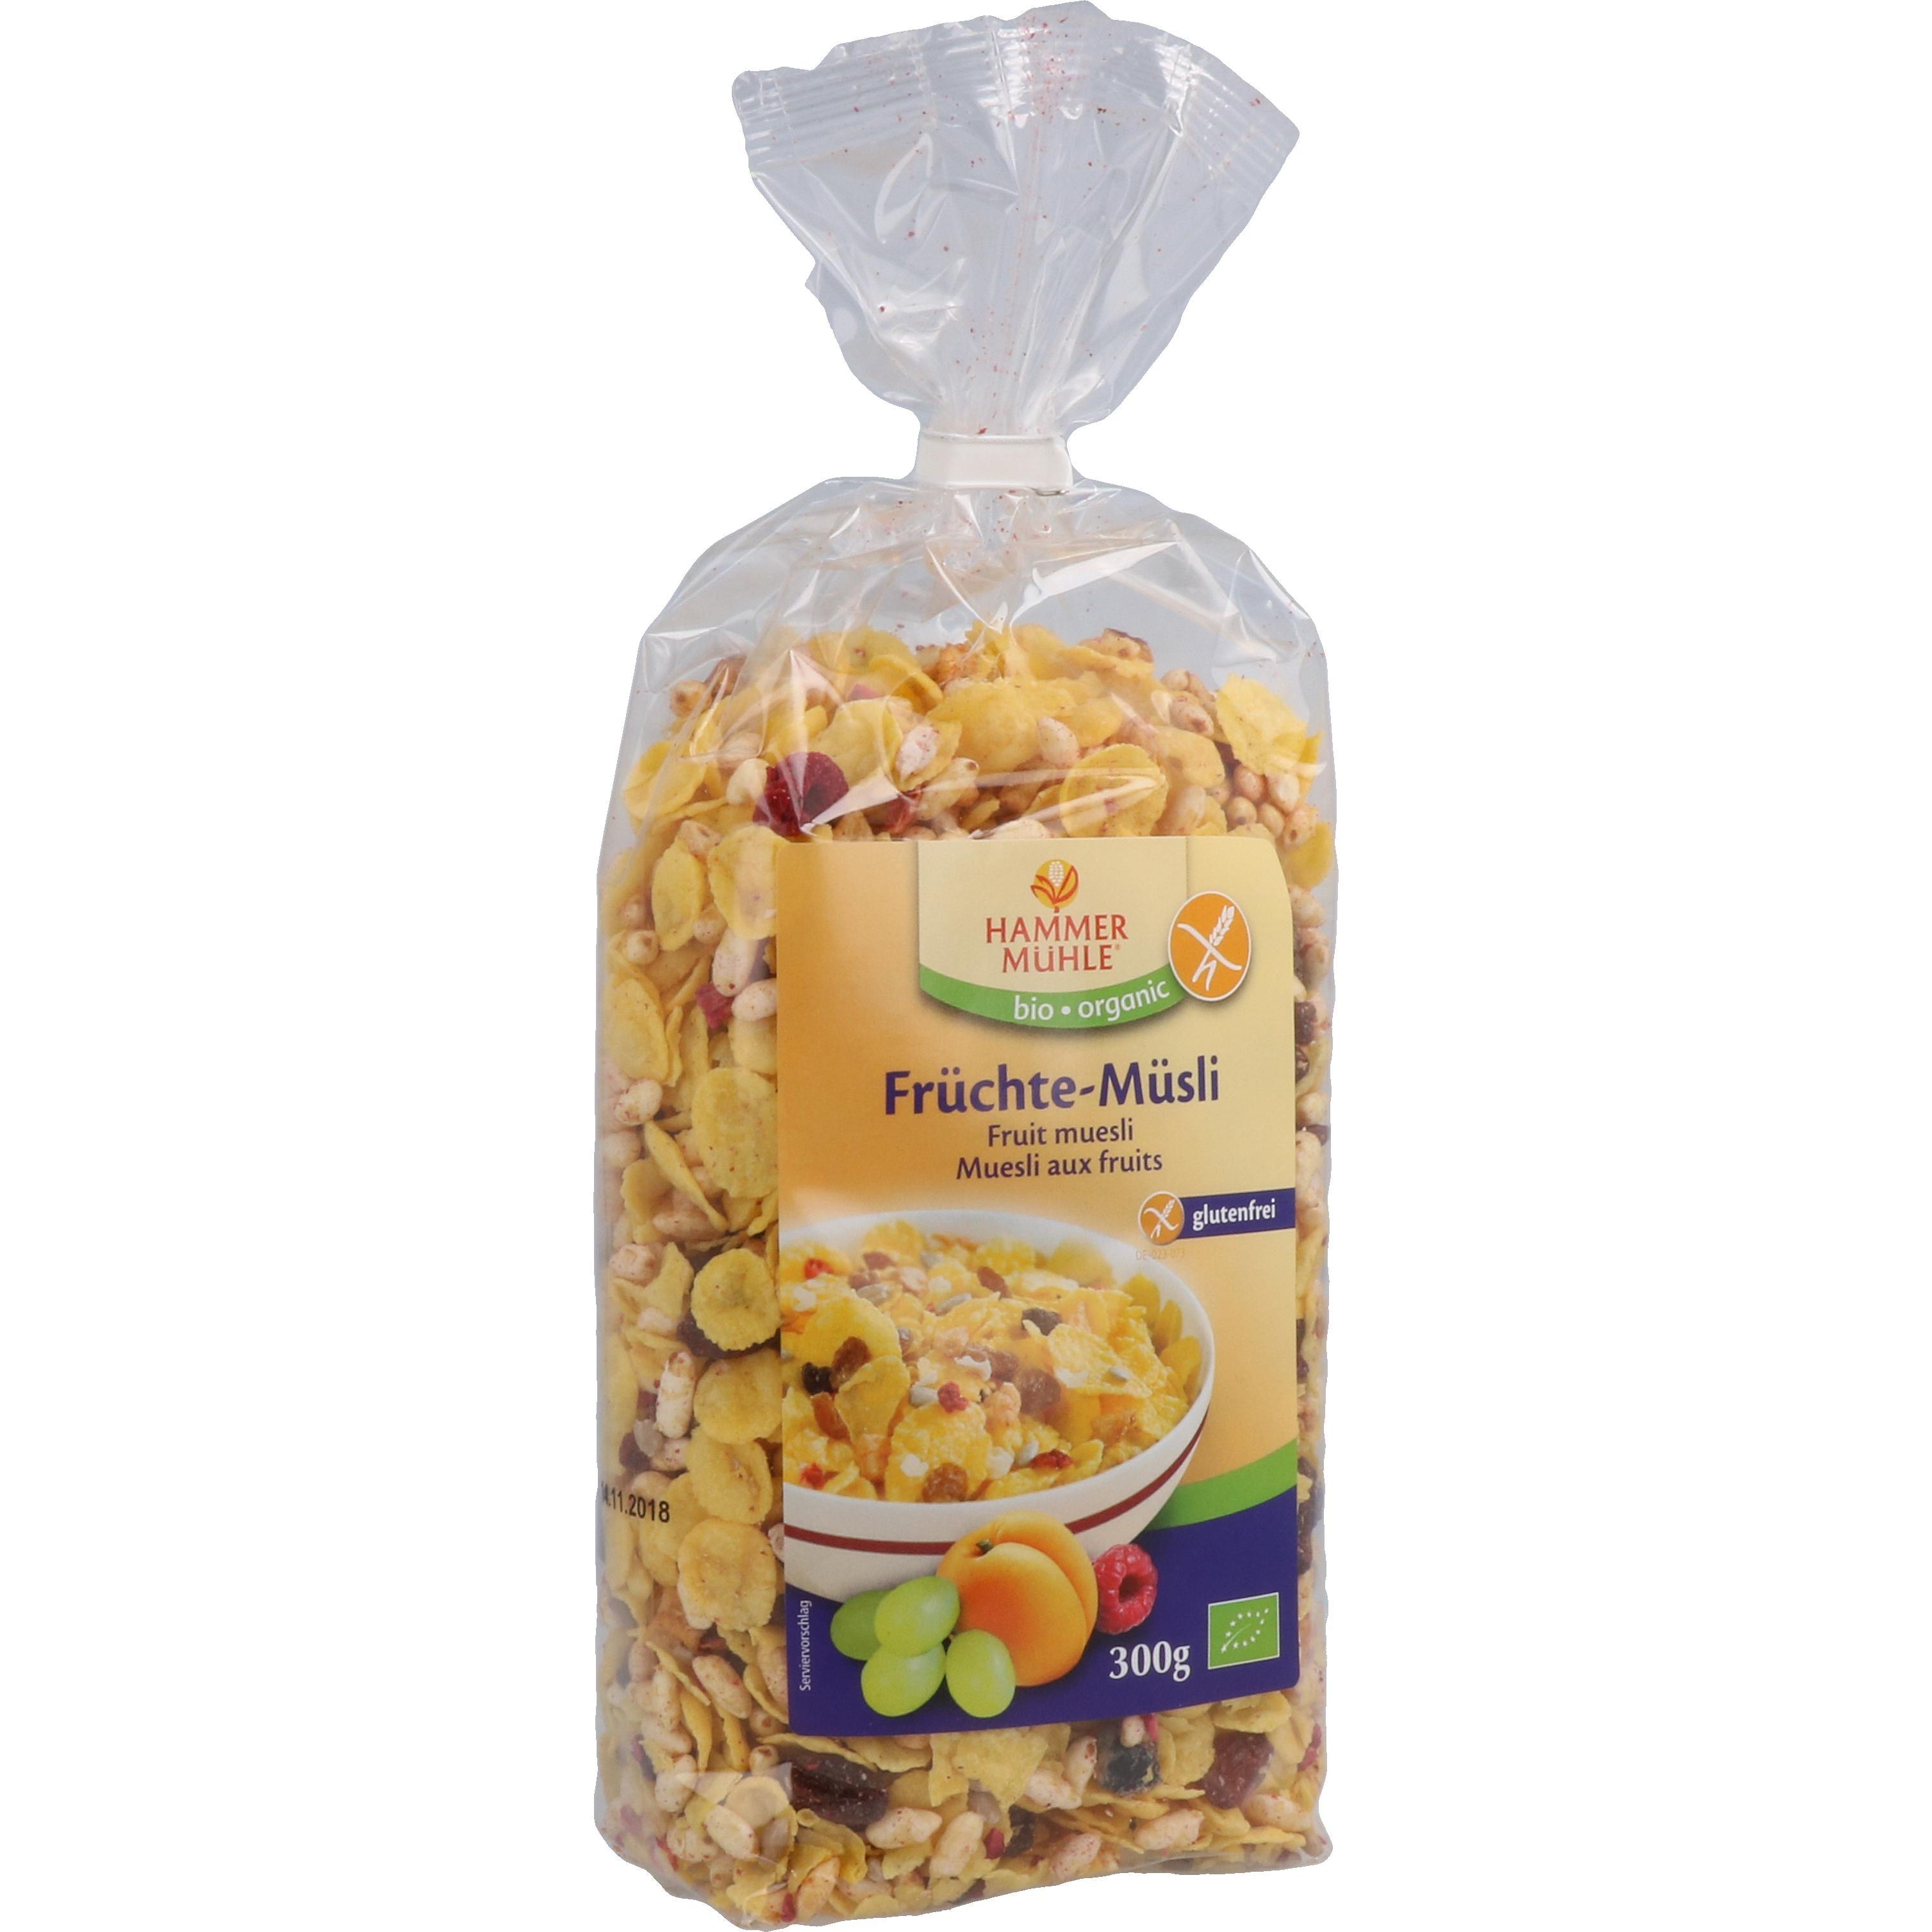 Hammermühle Organic Bio Früchte-Müsli 300g